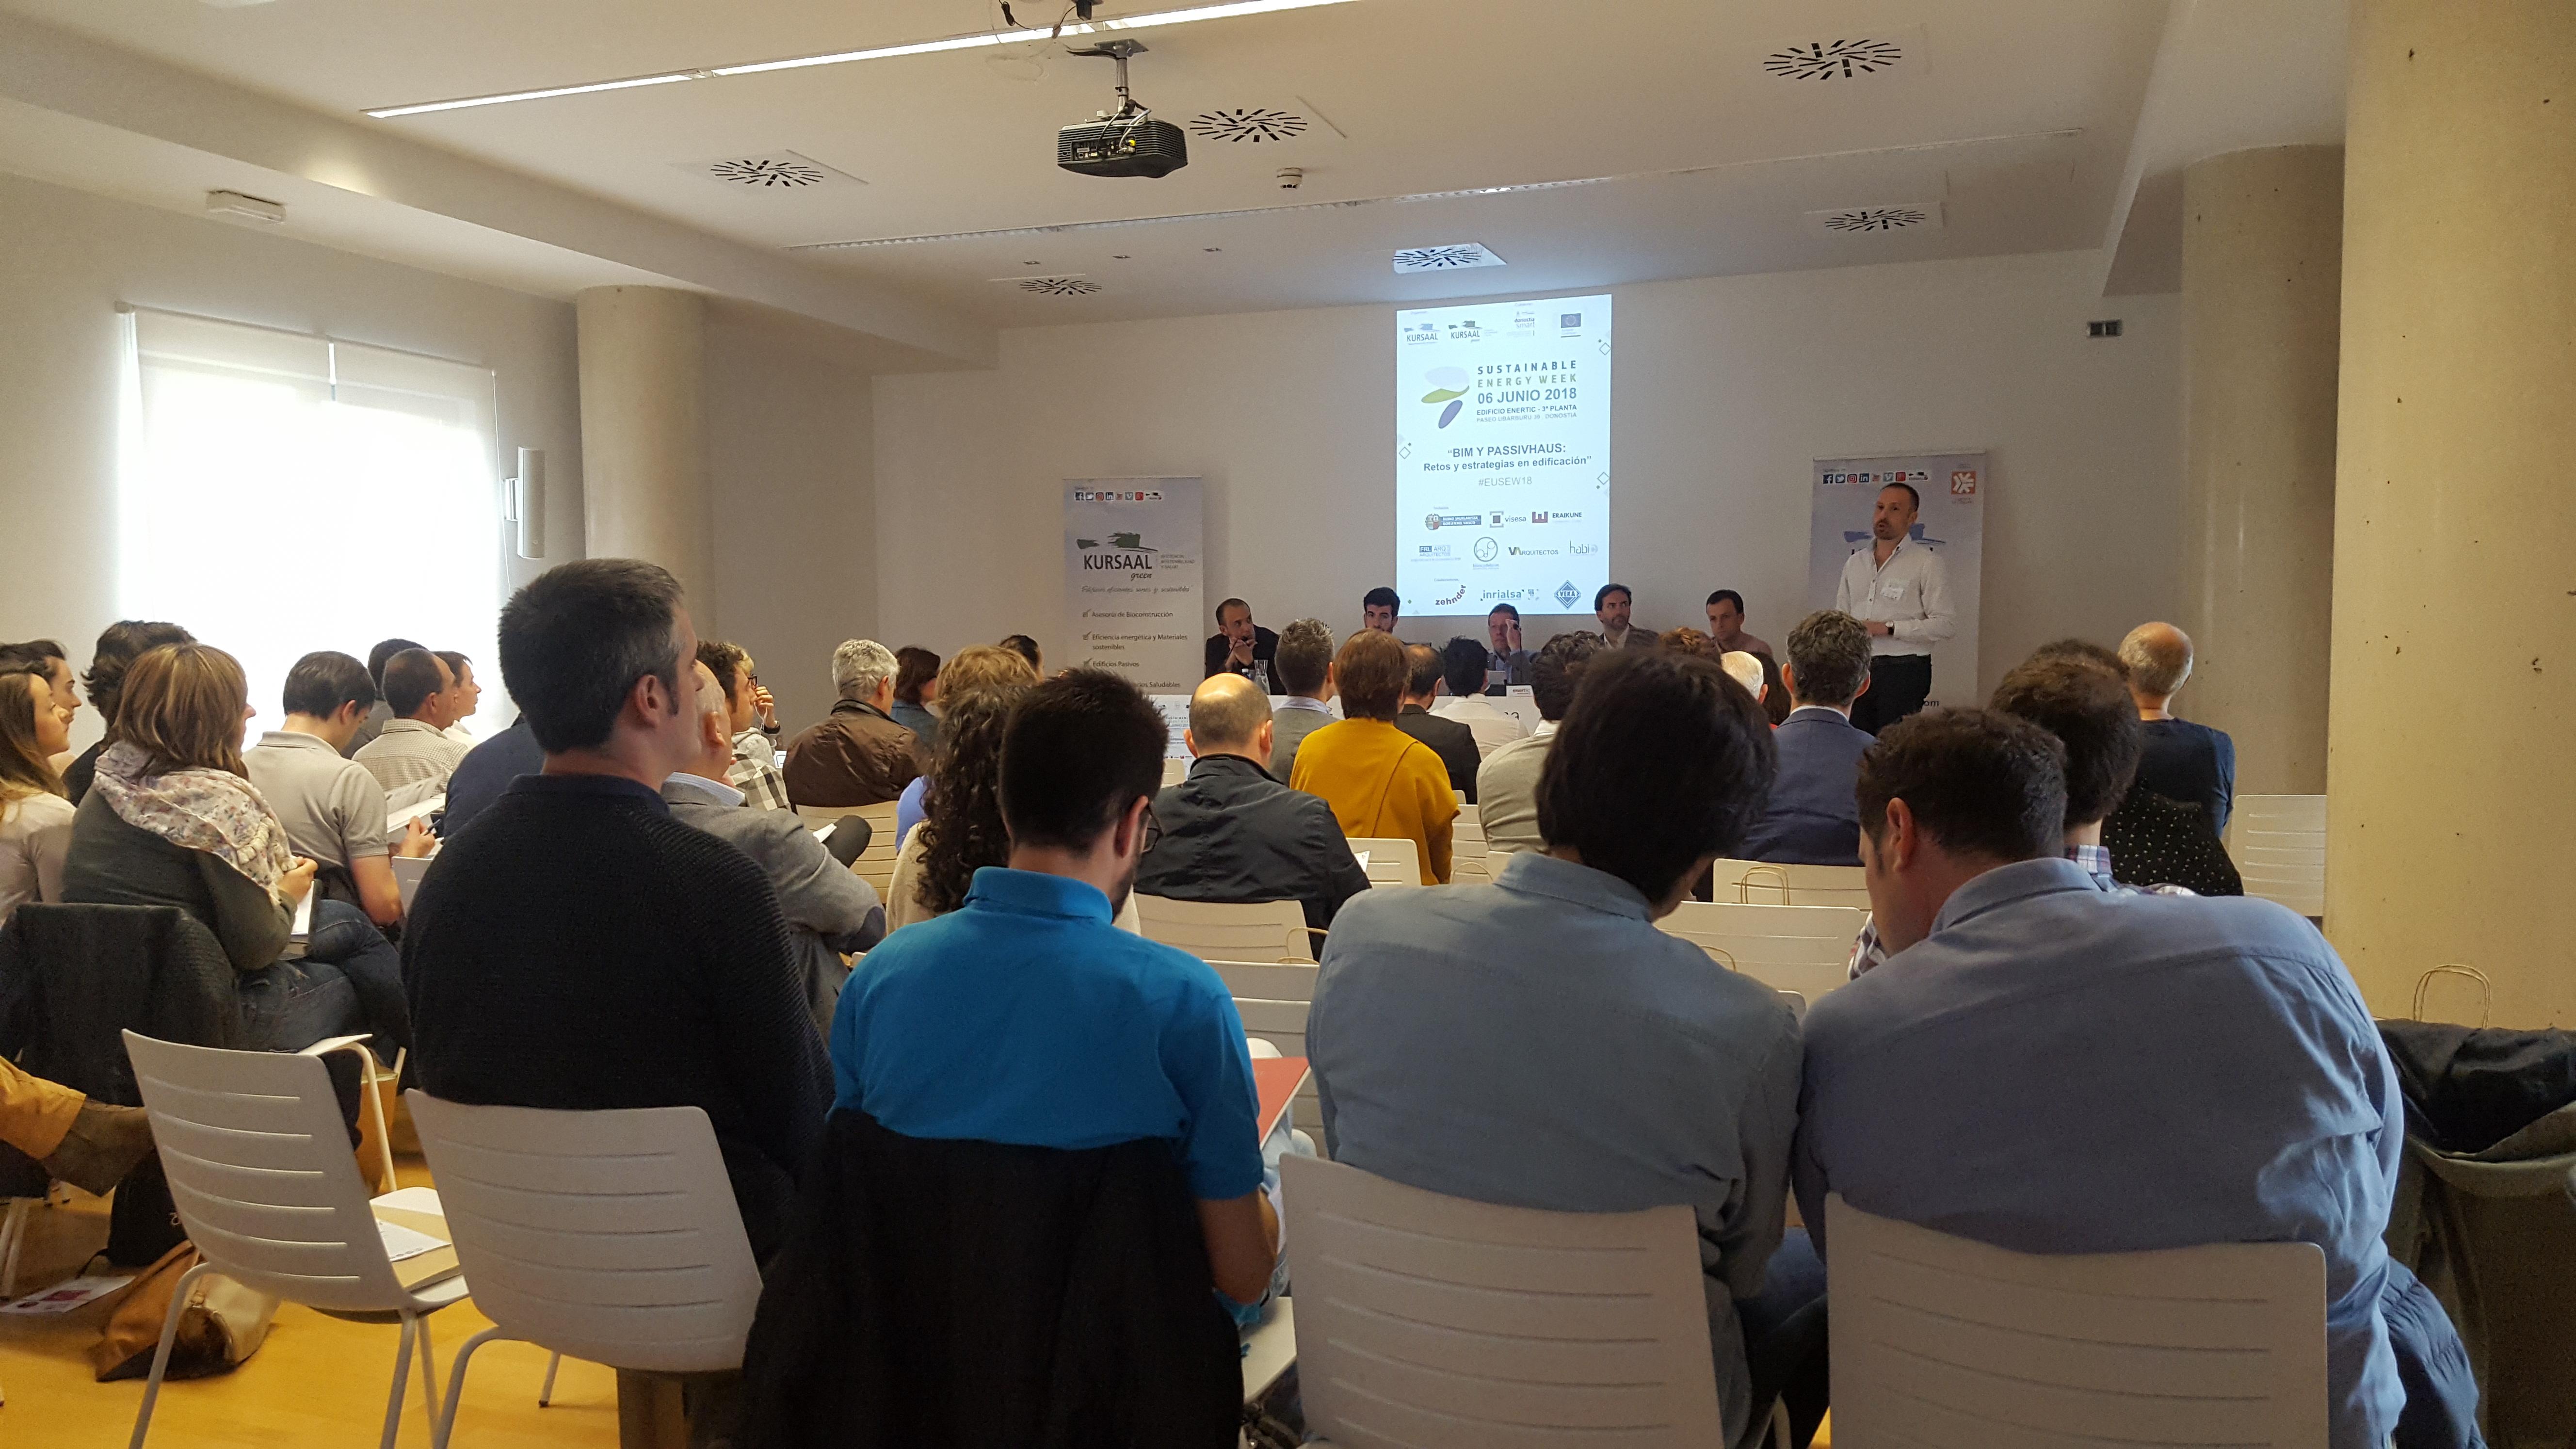 foto noticia: Por quinto año consecutivo Kursaal Rehabilitaciones organizamos una jornada enmarcada en la Semana Europea de la Energía Sostenible